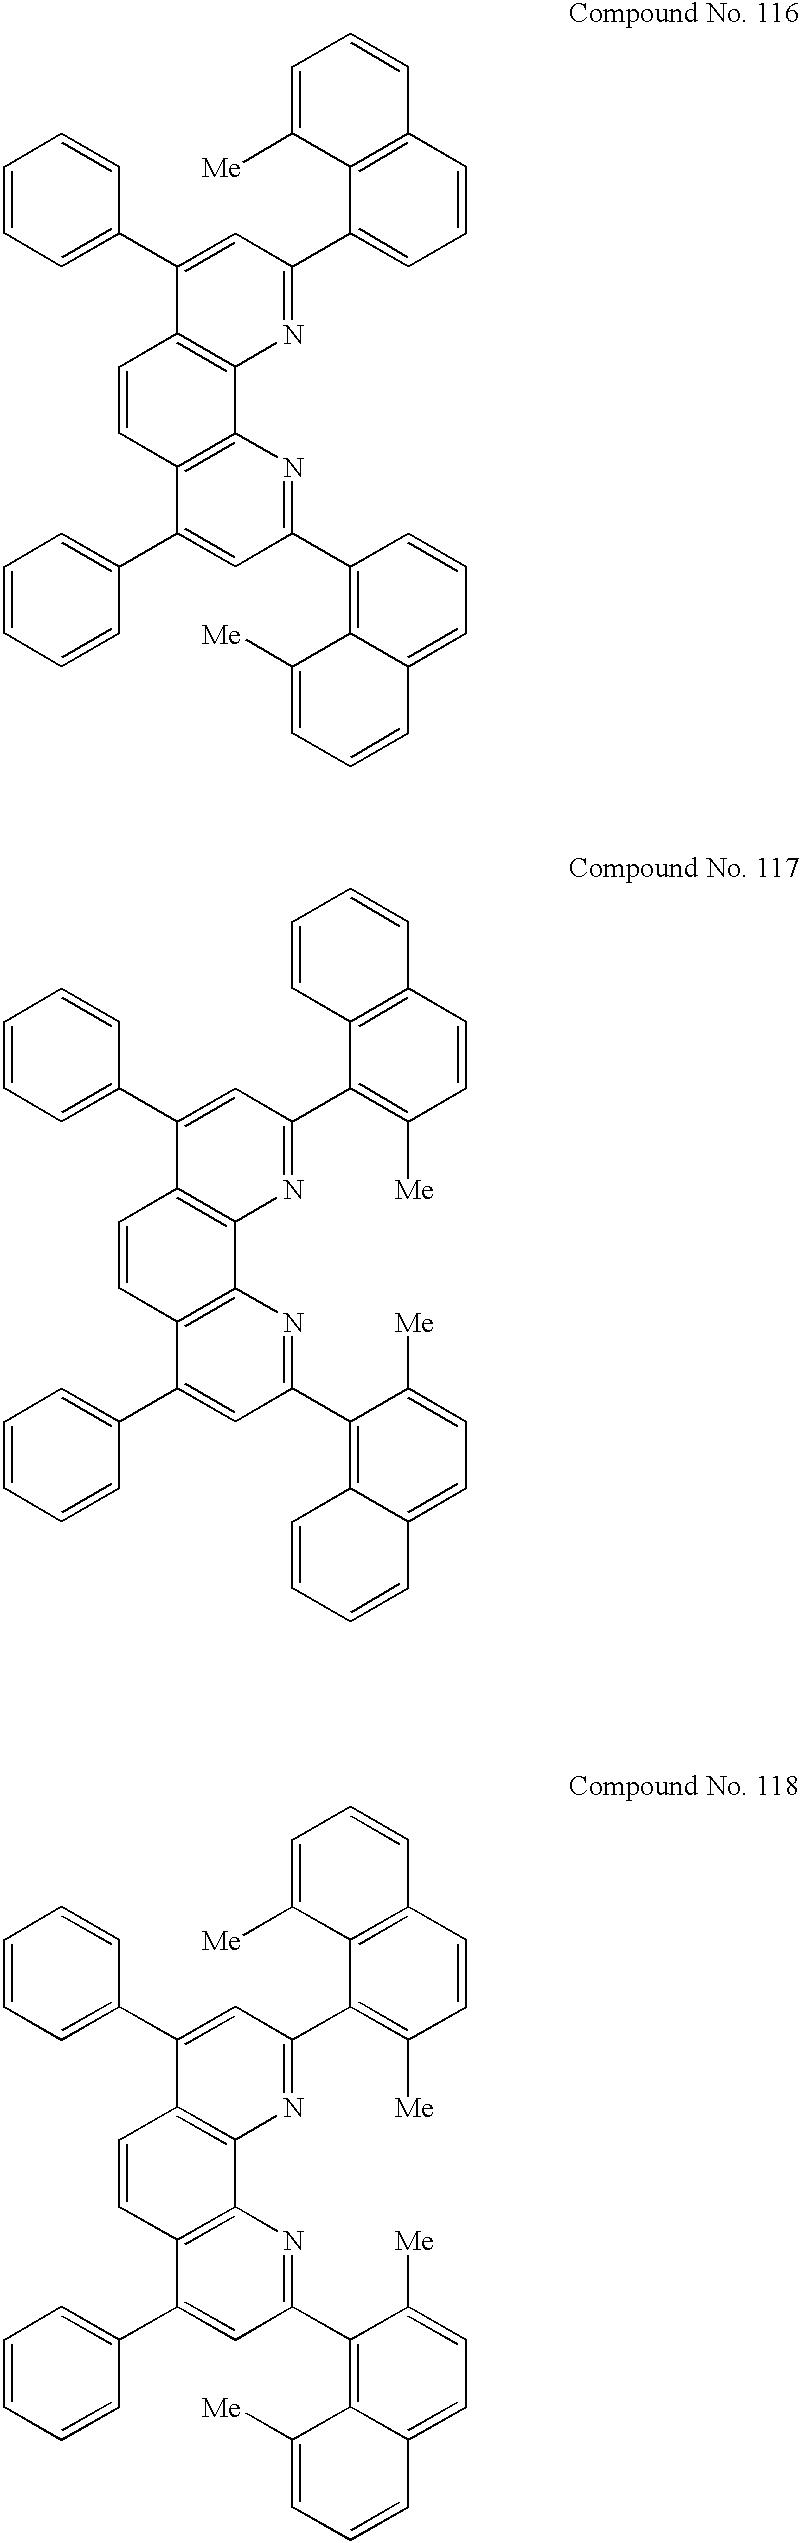 Figure US06524728-20030225-C00035